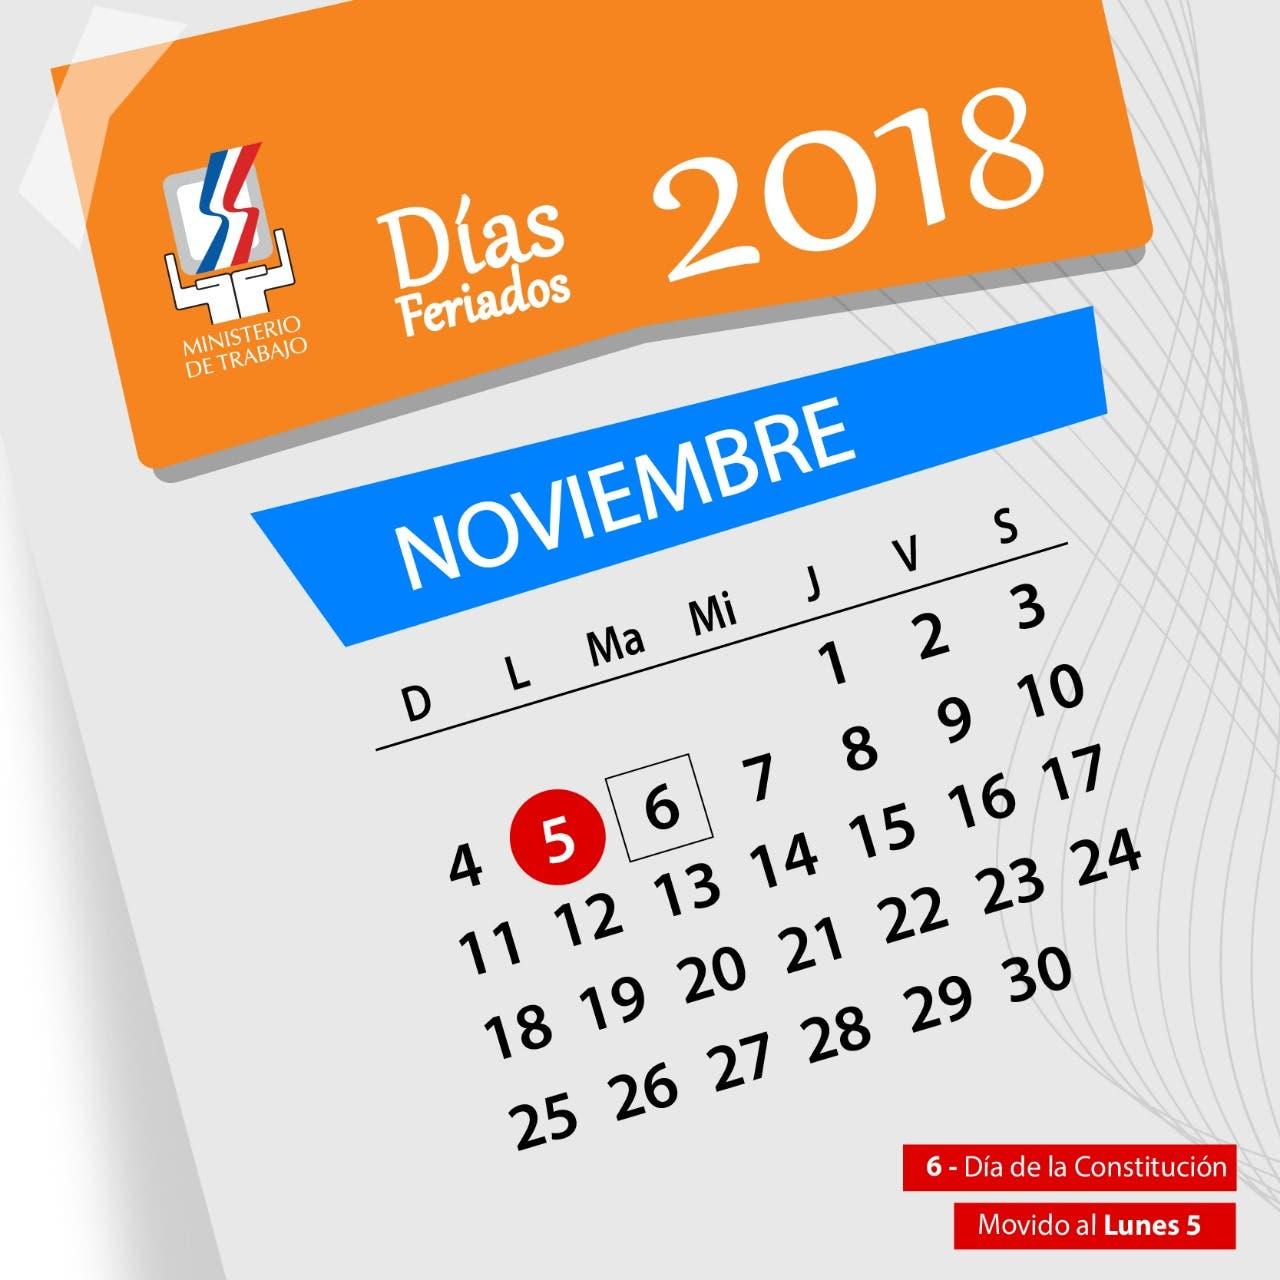 Ministerio de Trabajo: El feriado del Día de la Constitución se cambia para el lunes 05